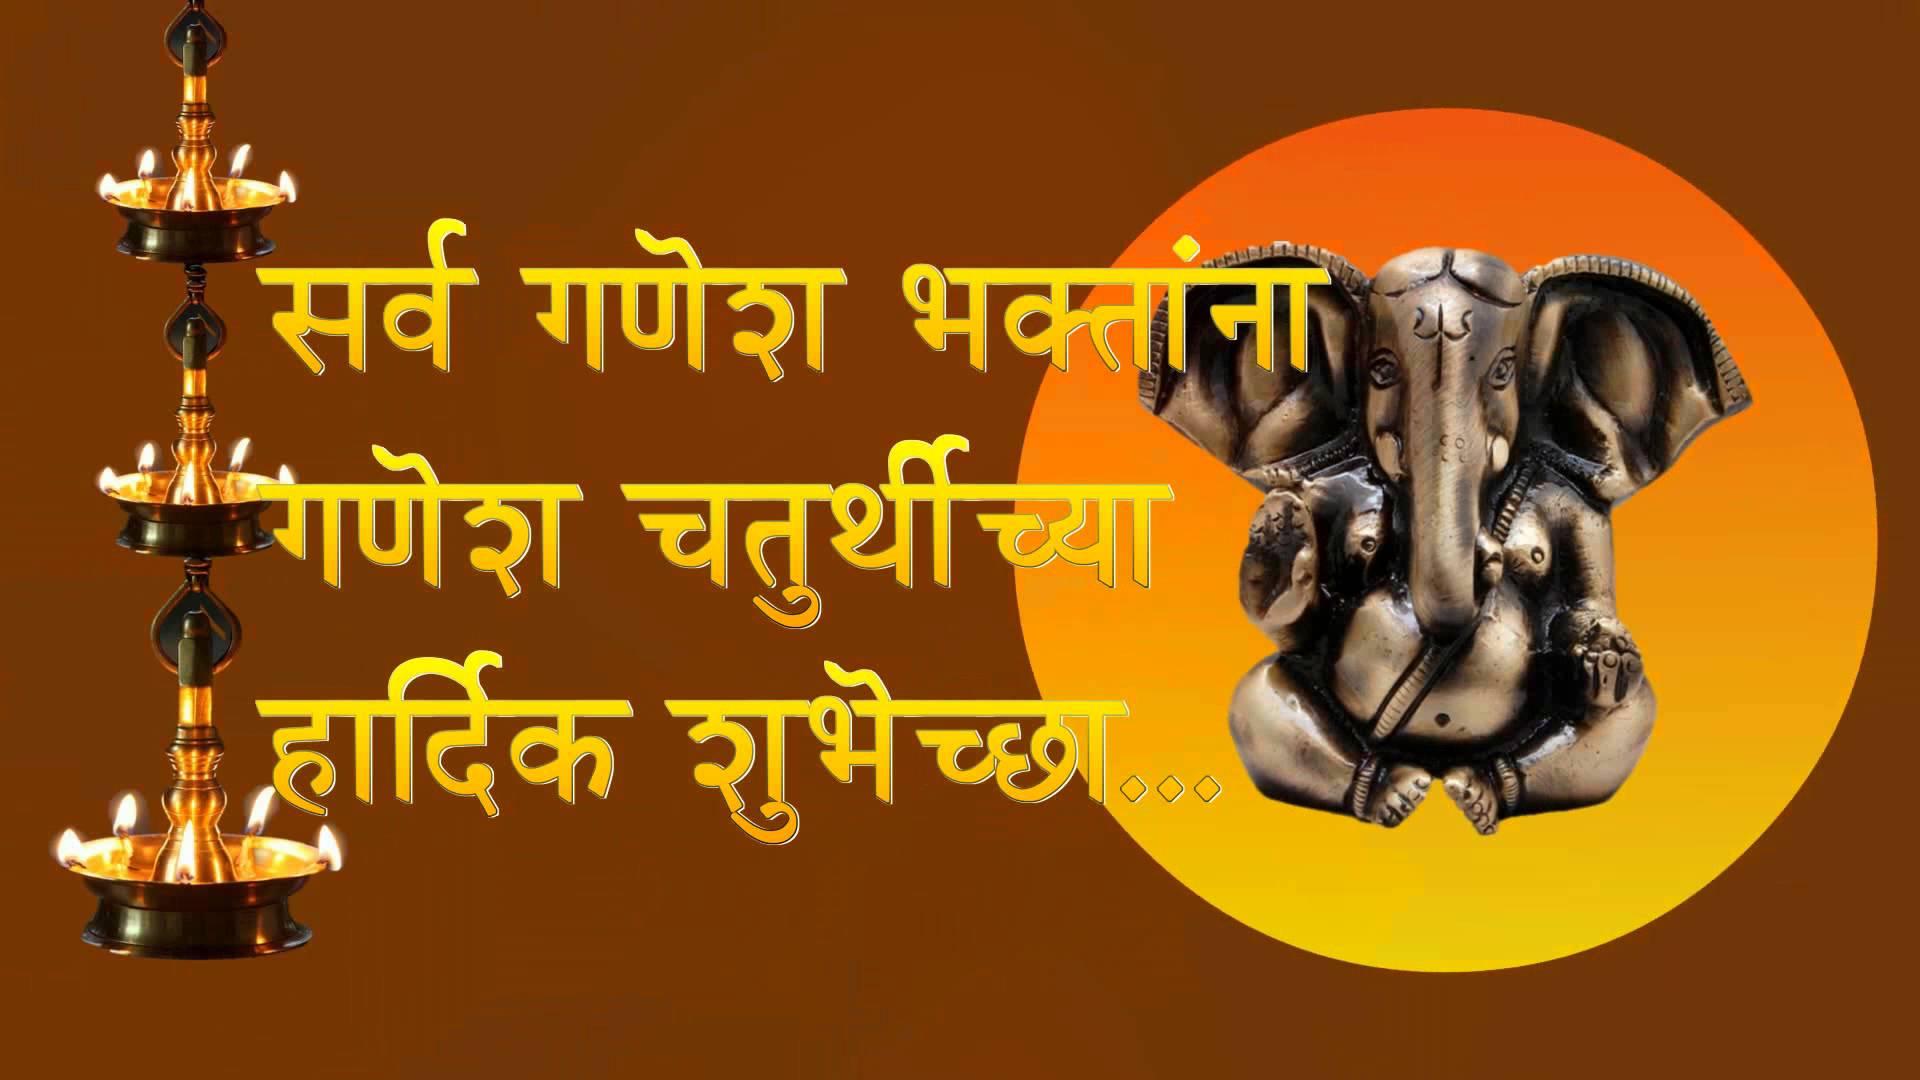 Ganesh Chaturthi Marathi Messages